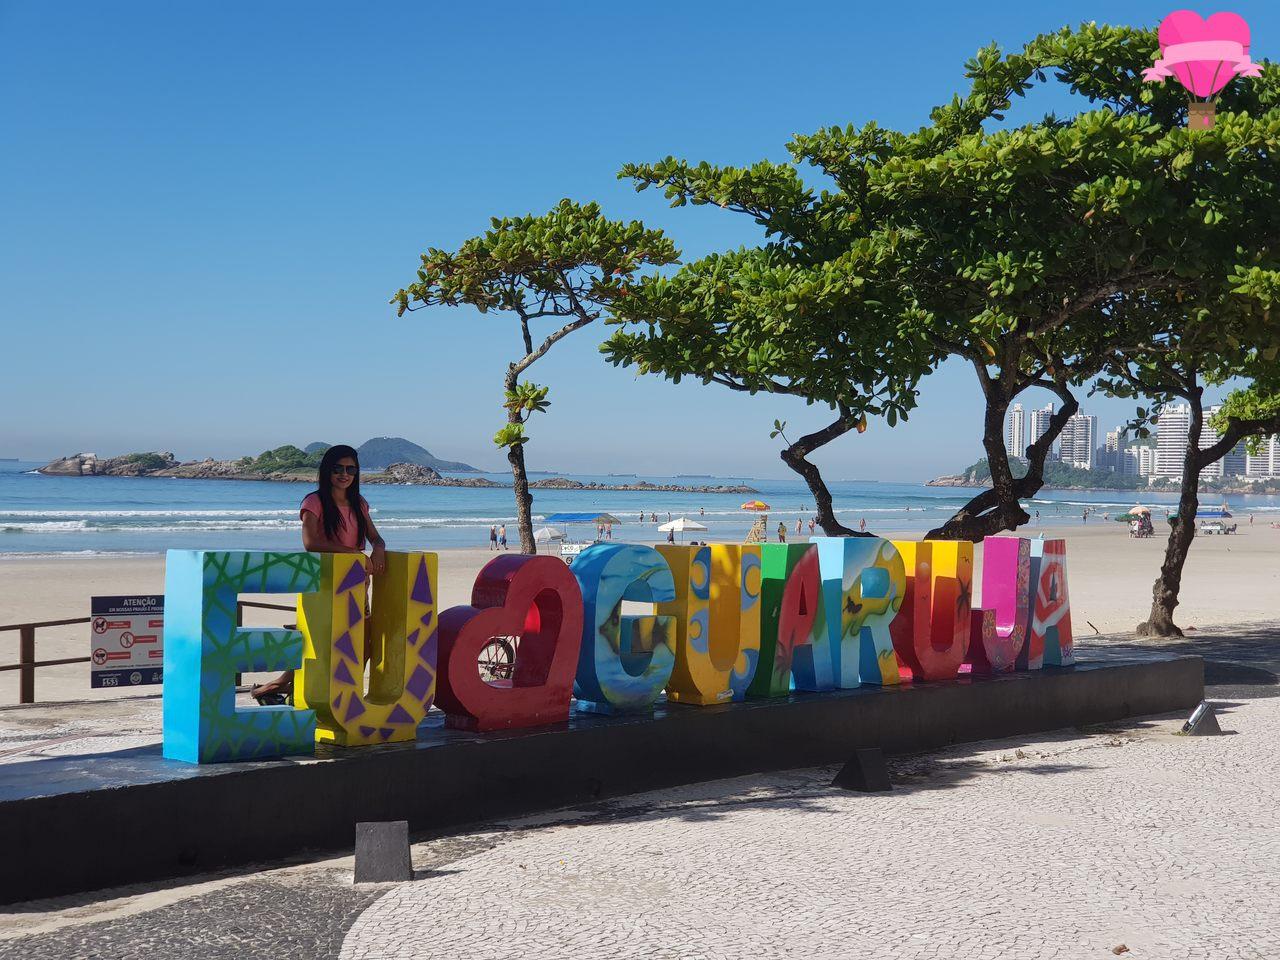 praia-pitangueiras-guaruja-sp